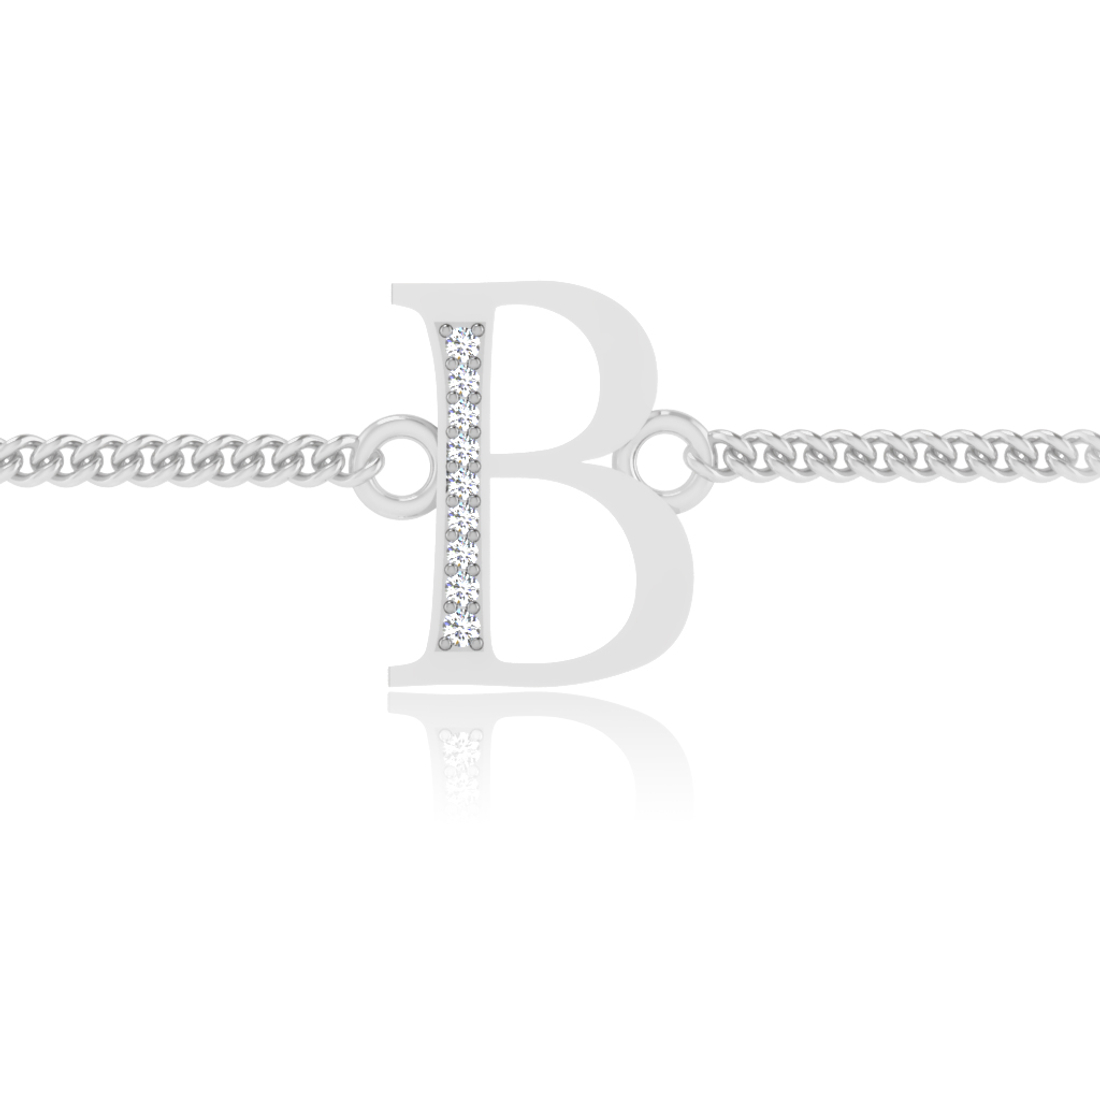 Delightful Friend Bracelet